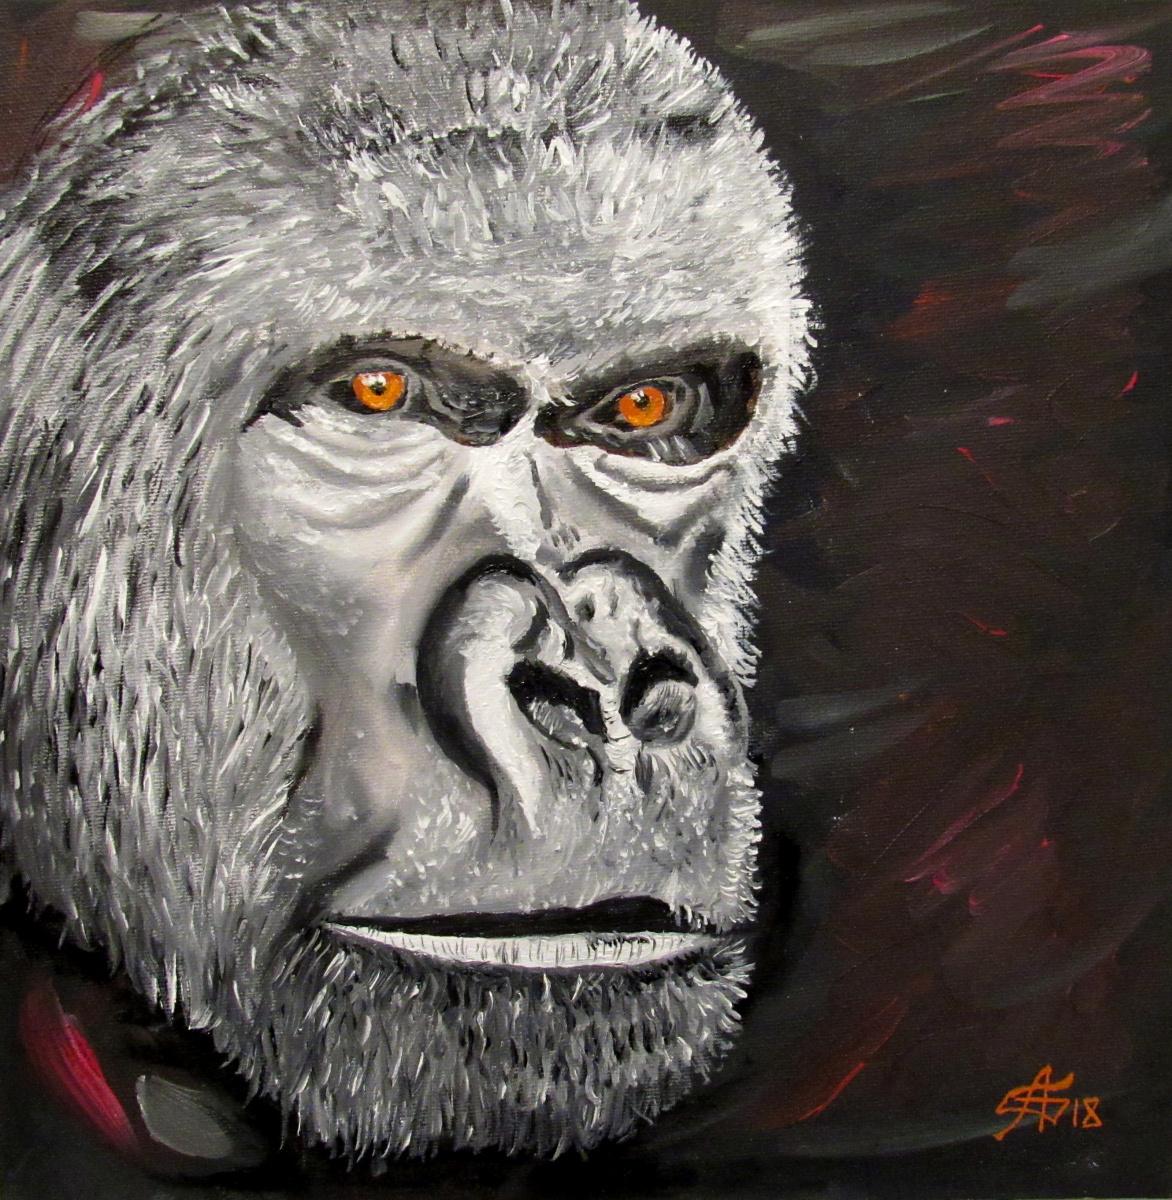 Artashes Vladimirovich Badalyan. Portrait of a gorilla - cardboard-m - 30x30